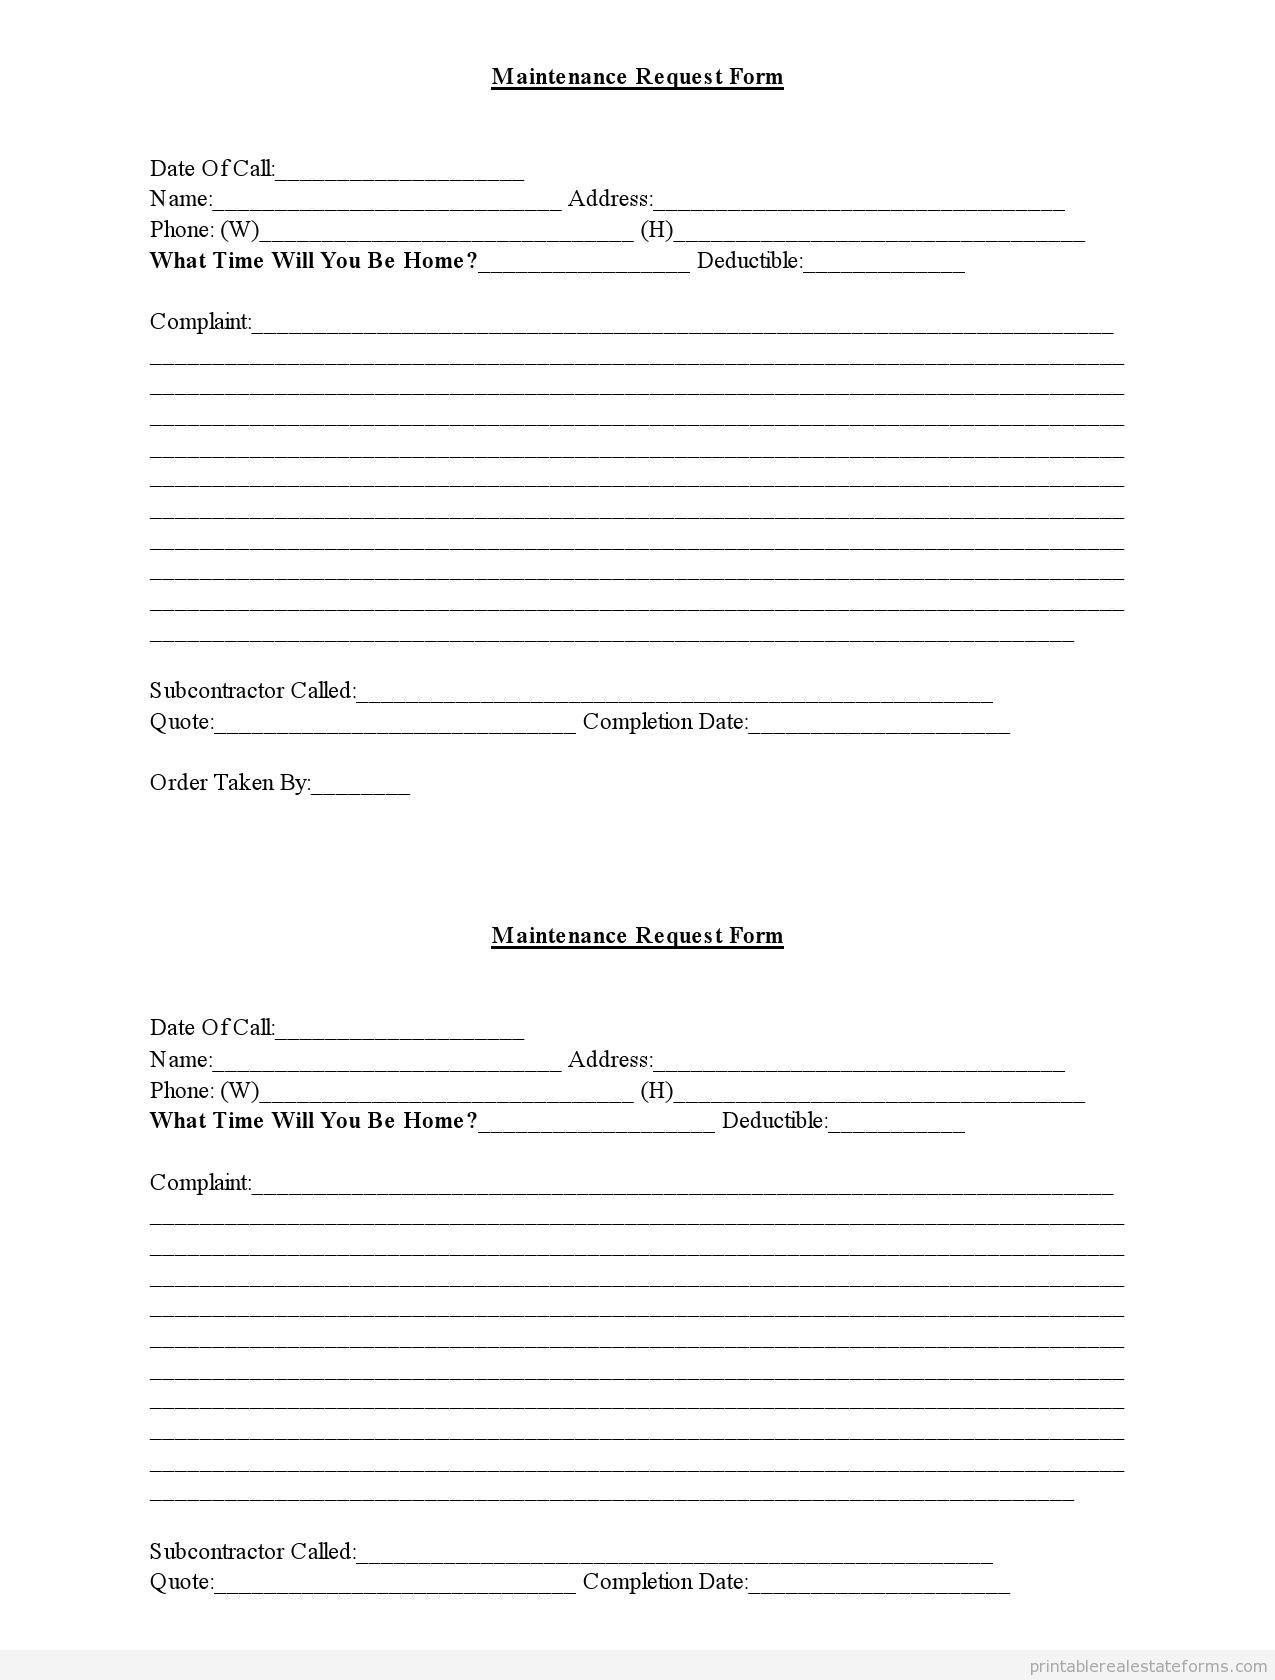 Maintenance Request Form Maintenance Templates